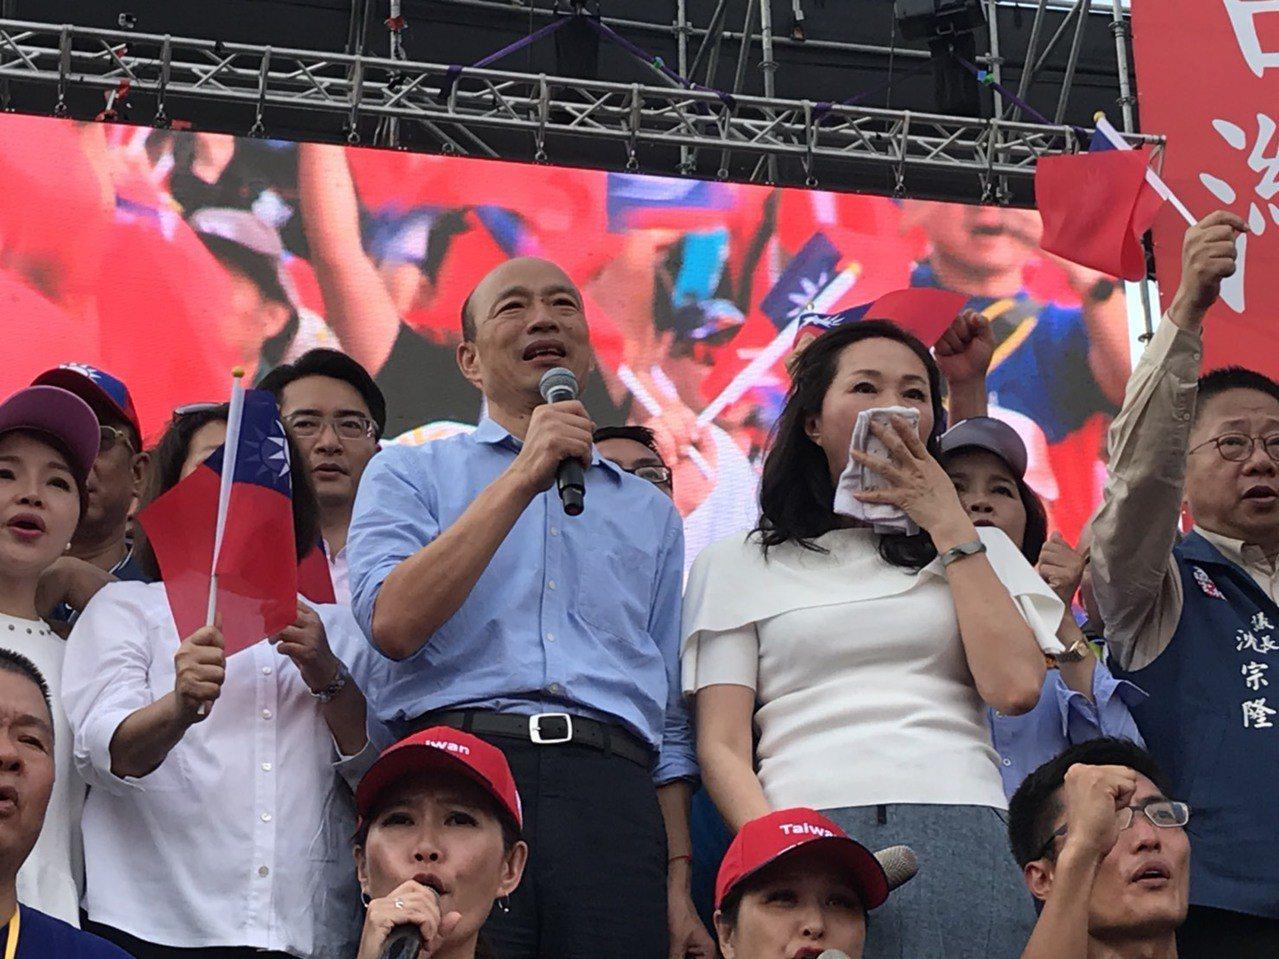 韓國瑜以雲林女婿身分回歸雲林演說,一開頭就說,如果我有機會當上中華民國總統,保證...